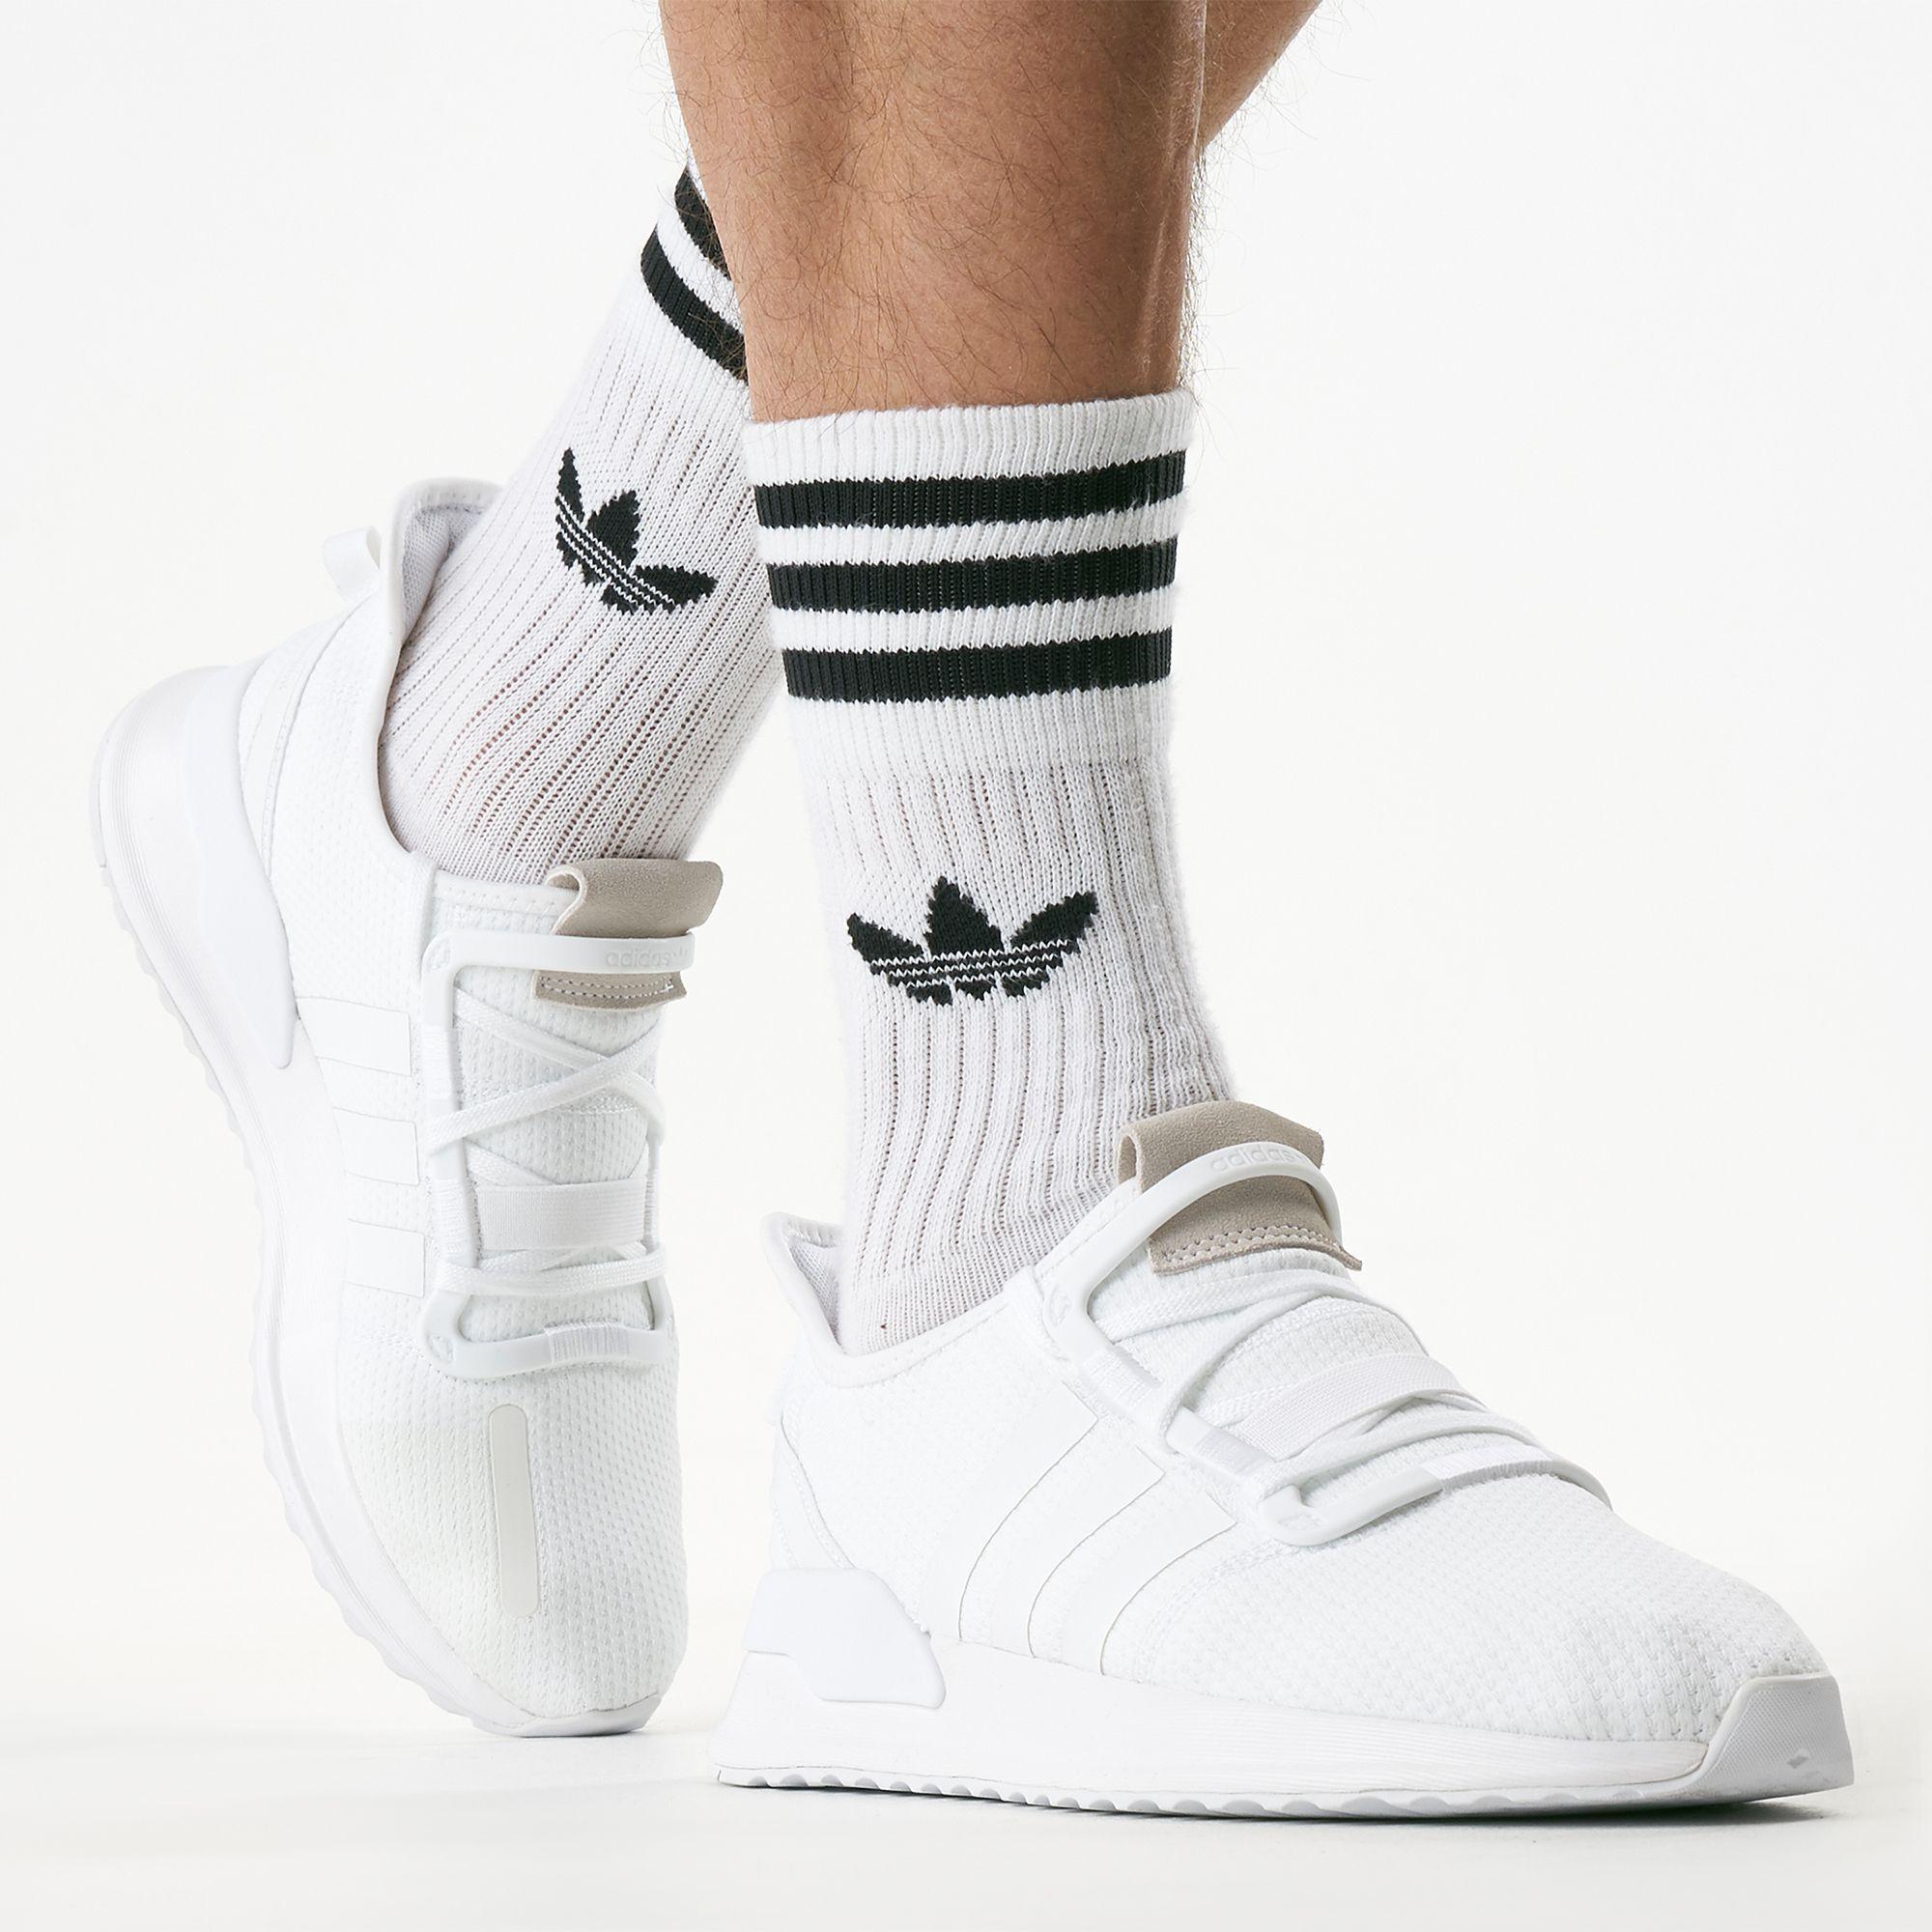 Adidas Originals U Path Run In Weiss G27637 Everysize Sneaker Trend Adidas Originals Herren Adidas Originals